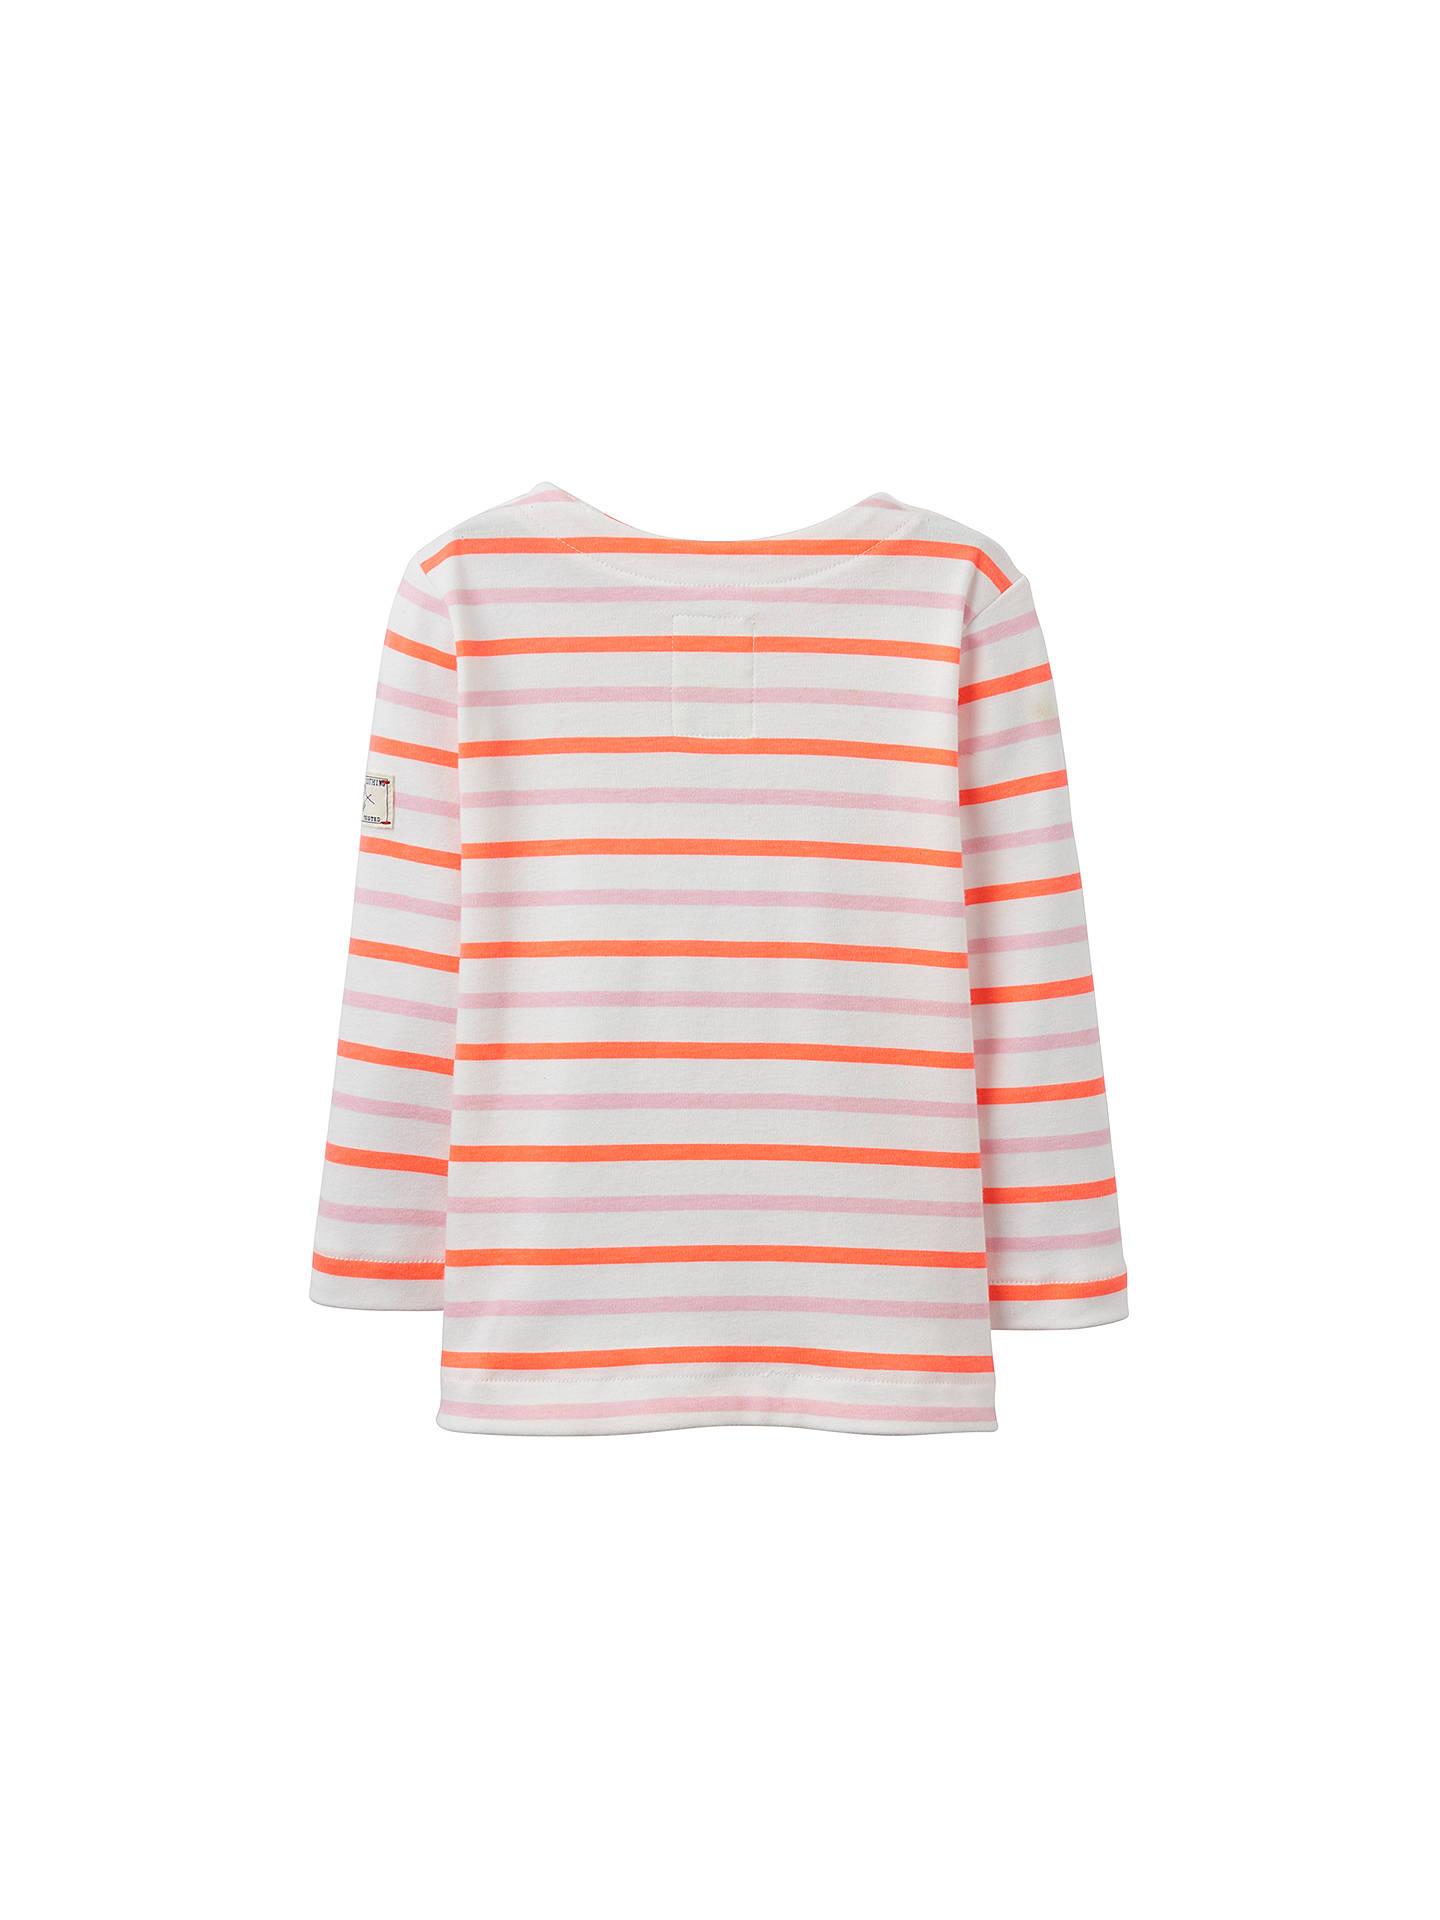 NEW  JOHN LEWIS  LONG SLEEVED  T shirt top ~  PEACH    3-6 MONTHS  COTTON